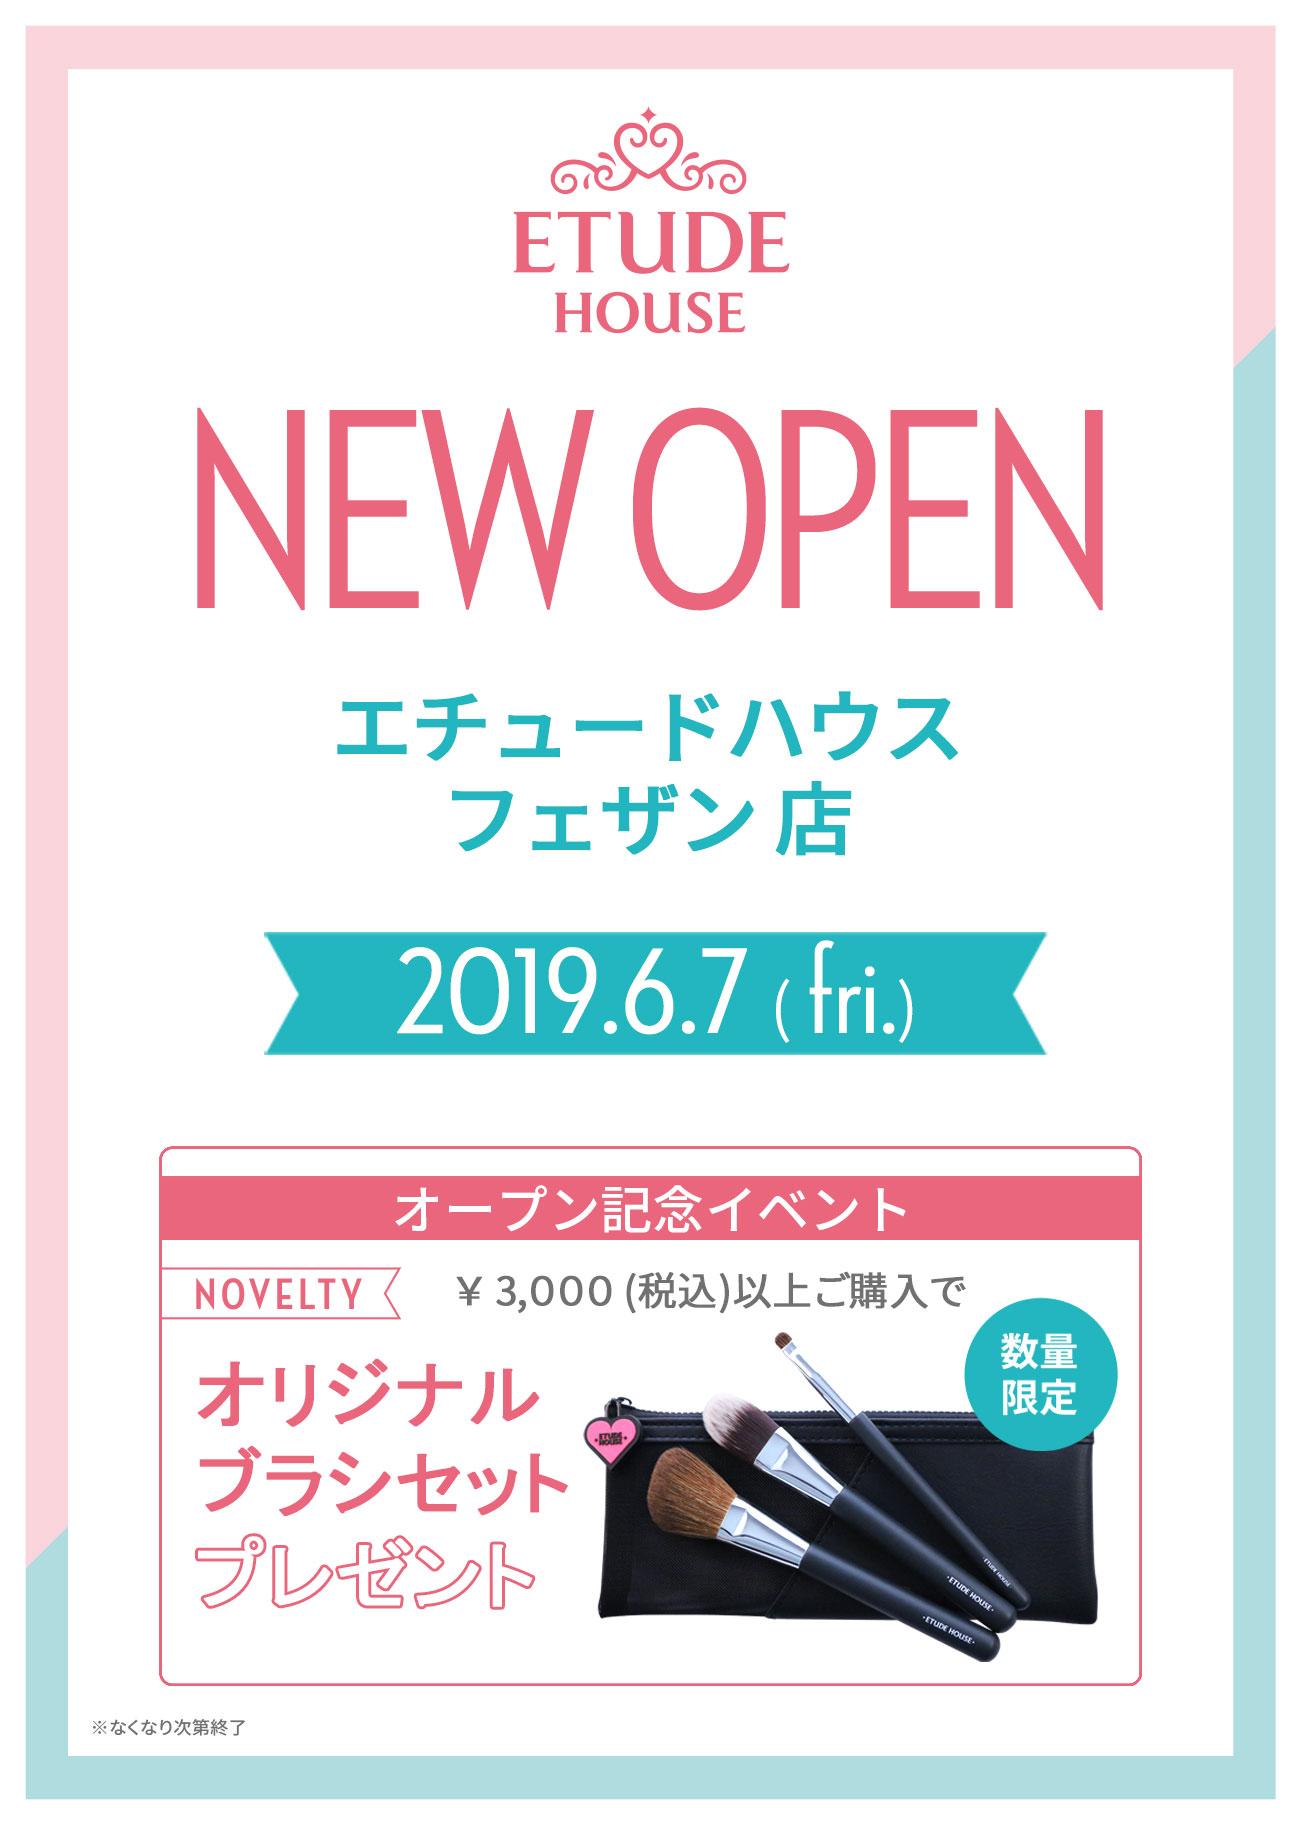 『エチュードハウス フェザン店 』オープン! イベント詳細ご案内♪